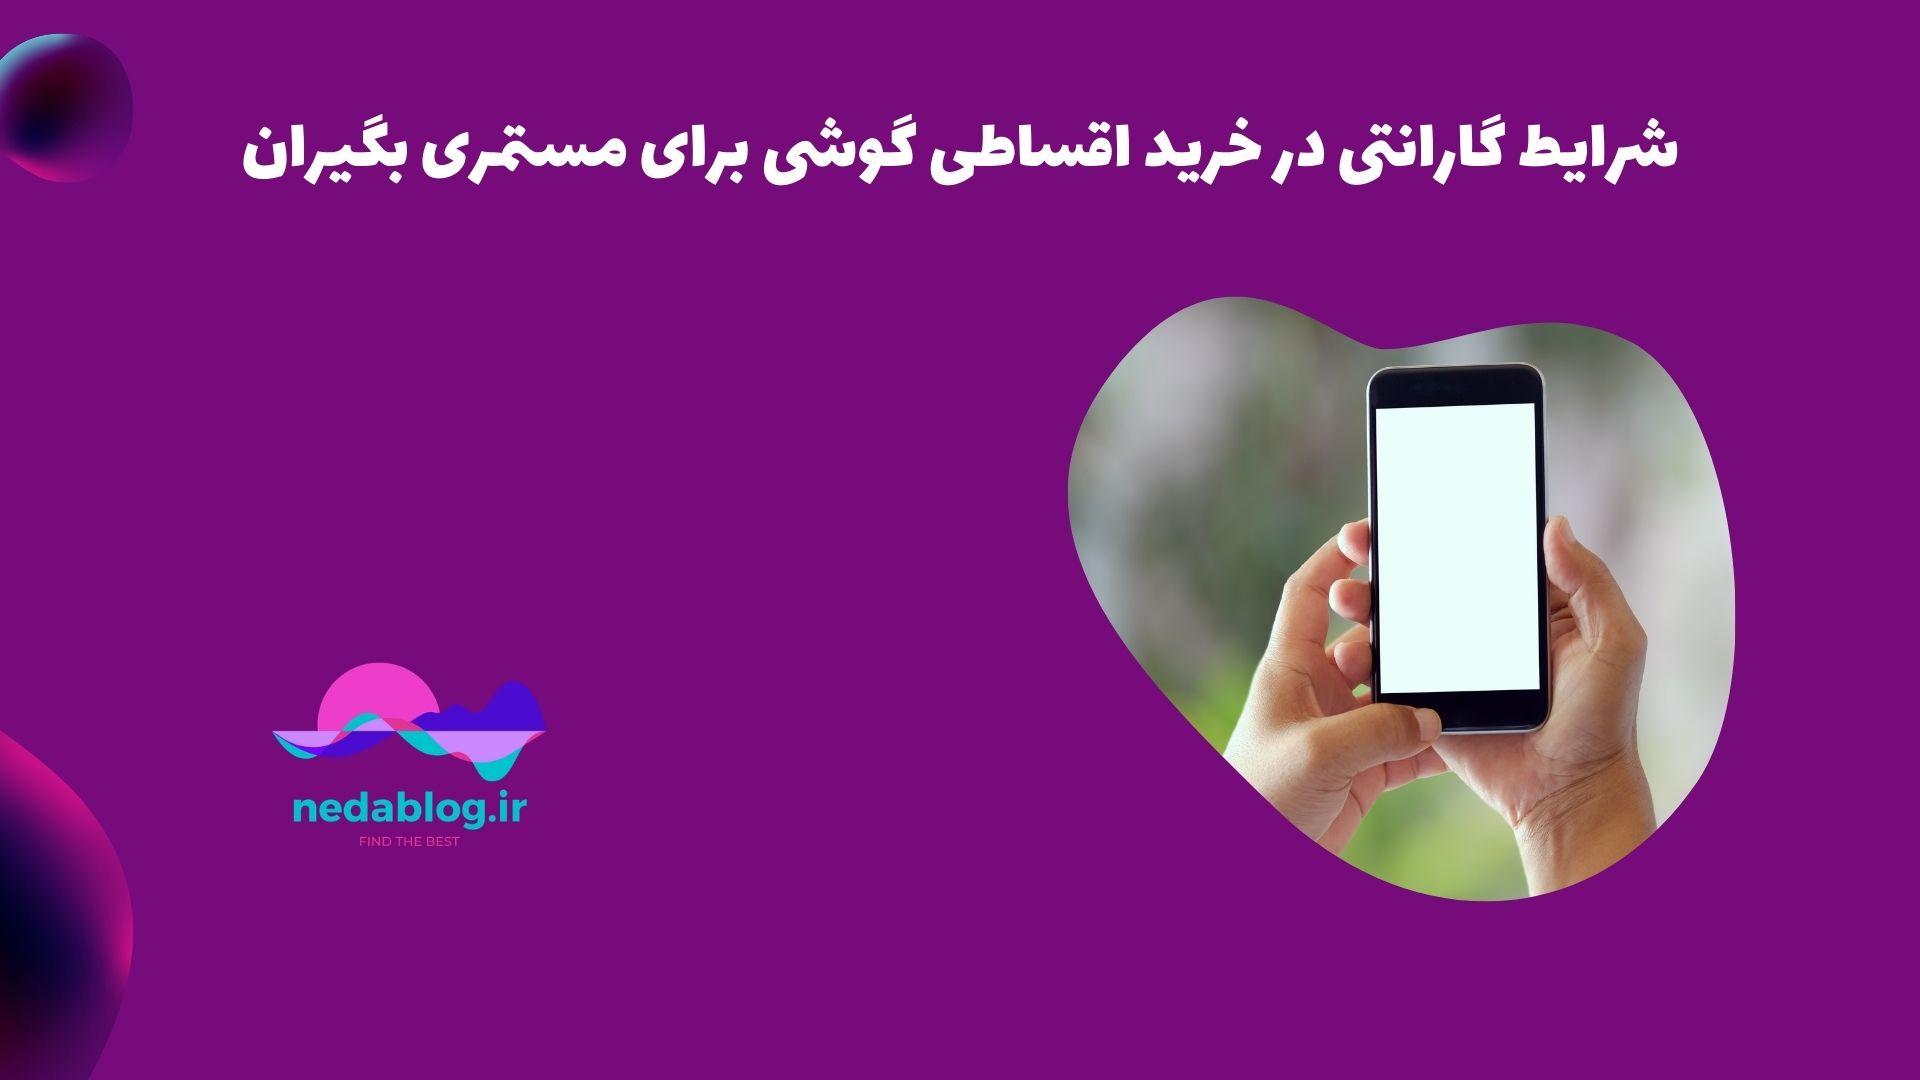 شرایط گارانتی در خرید اقساطی گوشی برای مستمری بگیران